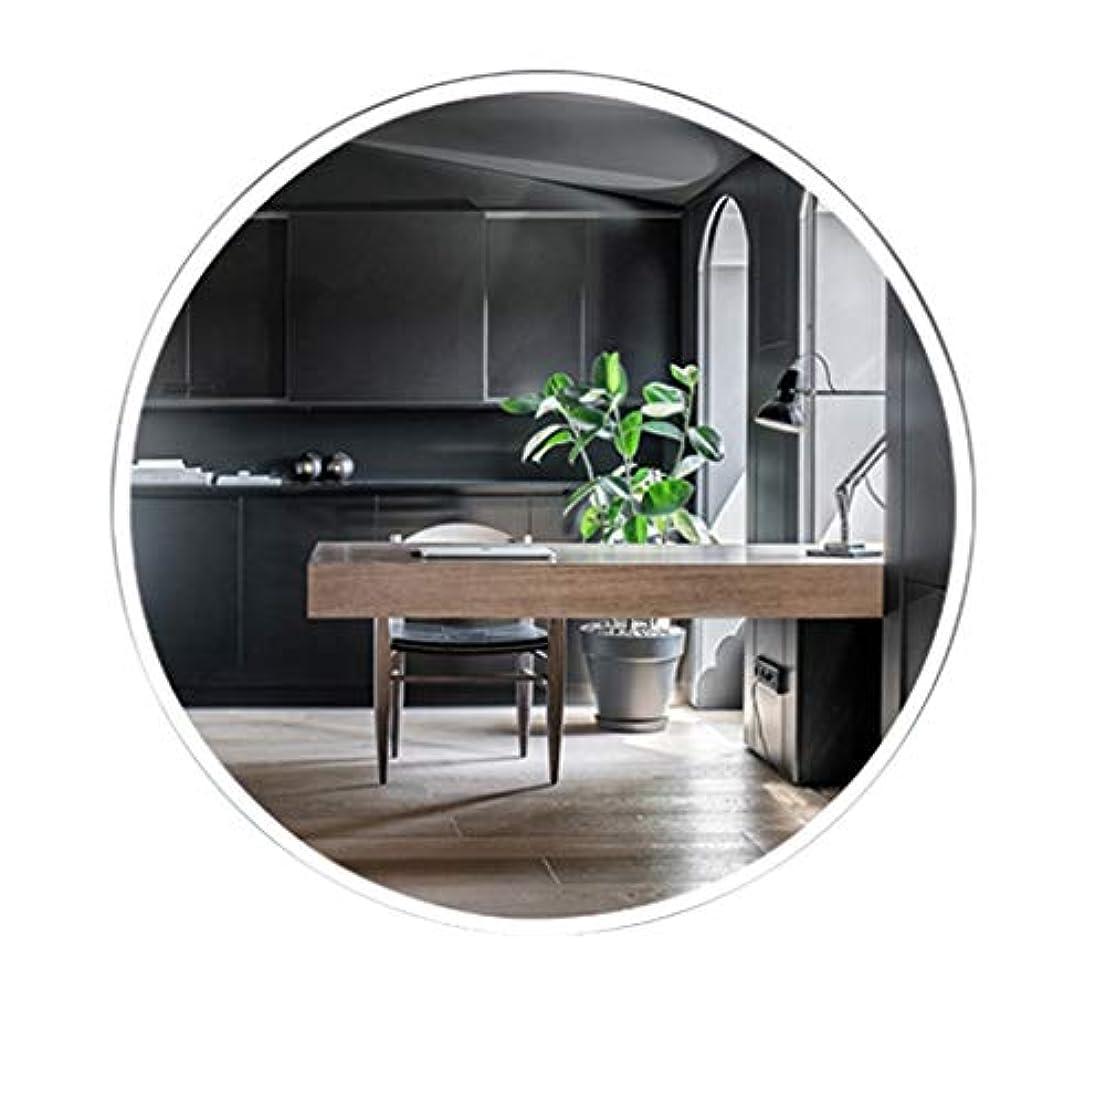 潜む地球振り向くTYJ-JP 鏡化粧鏡 HD化粧台壁掛け装飾丸型鏡シンプル壁掛け鏡北欧風パンチフリーガラス鏡 (Color : 白, Size : 50*50cm)